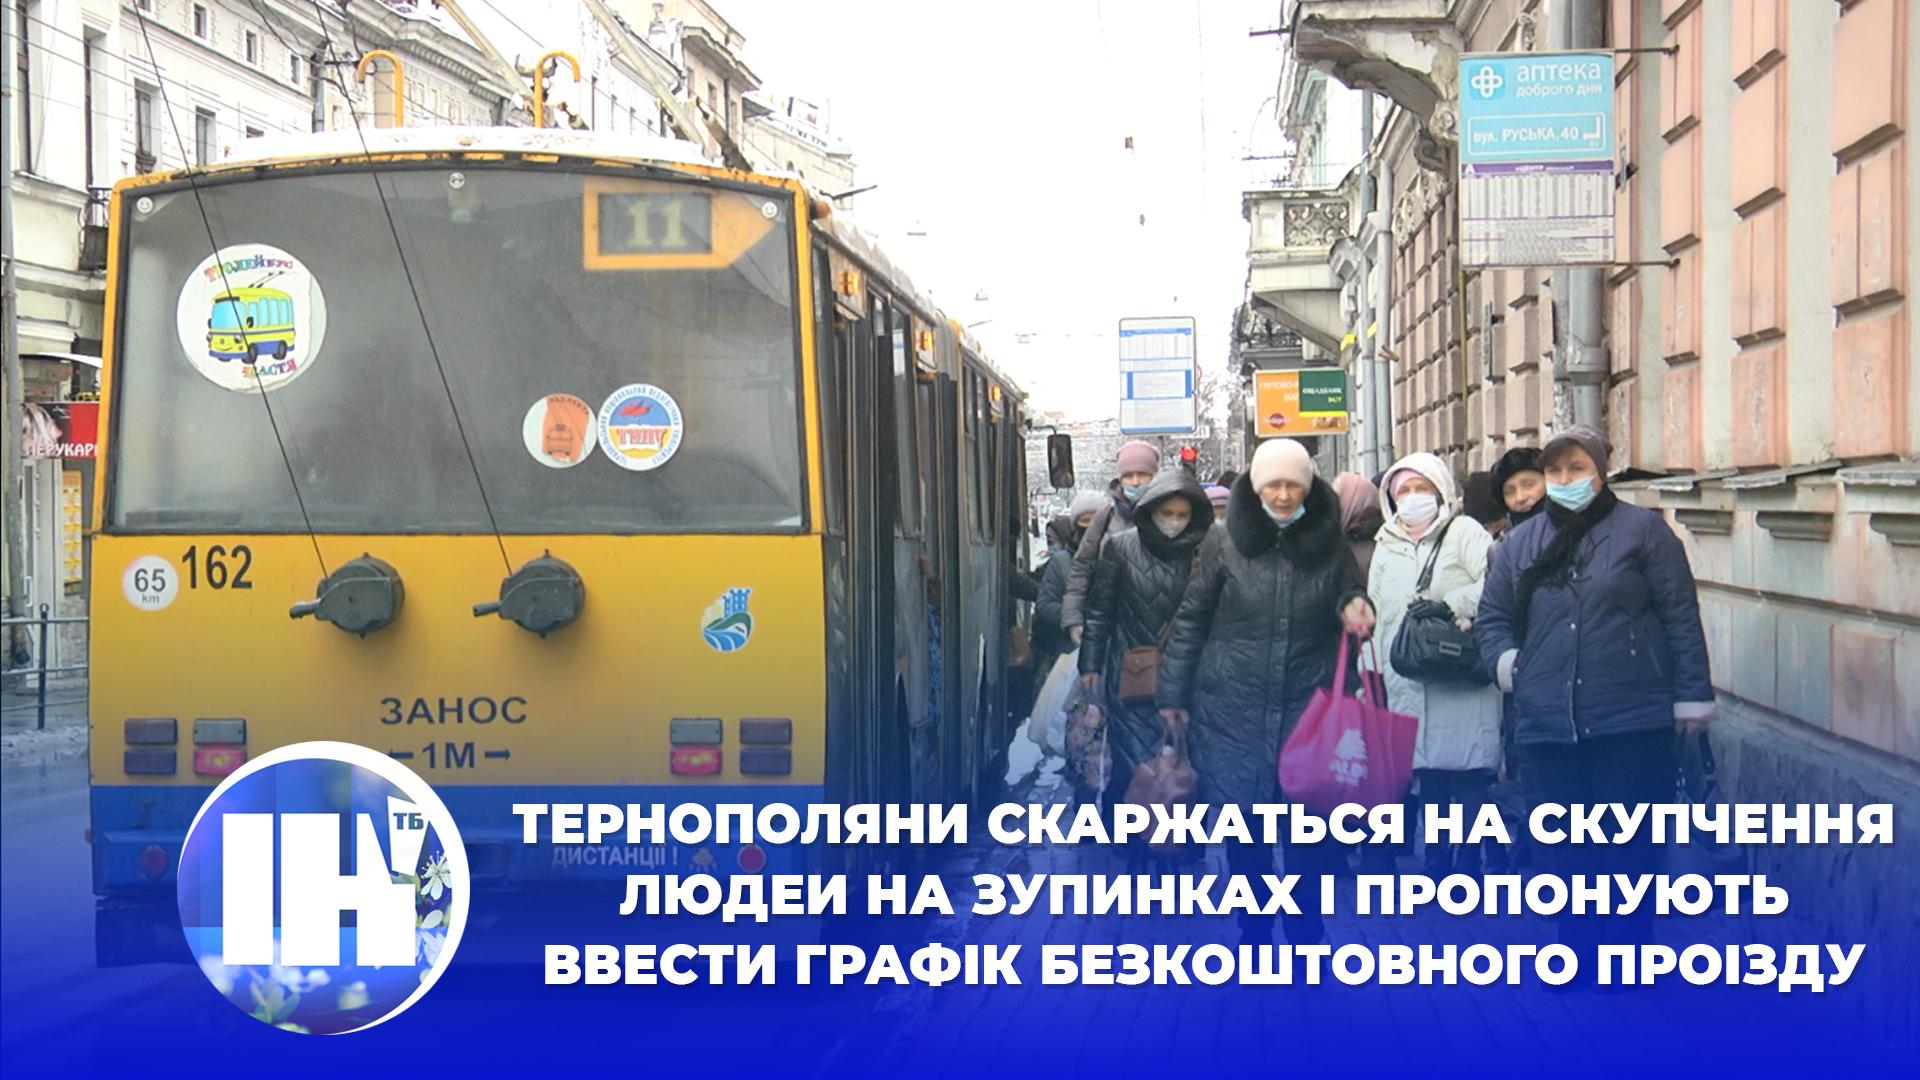 Тернополяни скаржаться на скупчення людей на зупинках і пропонують ввести графік безкоштовного проїзду пільговиків